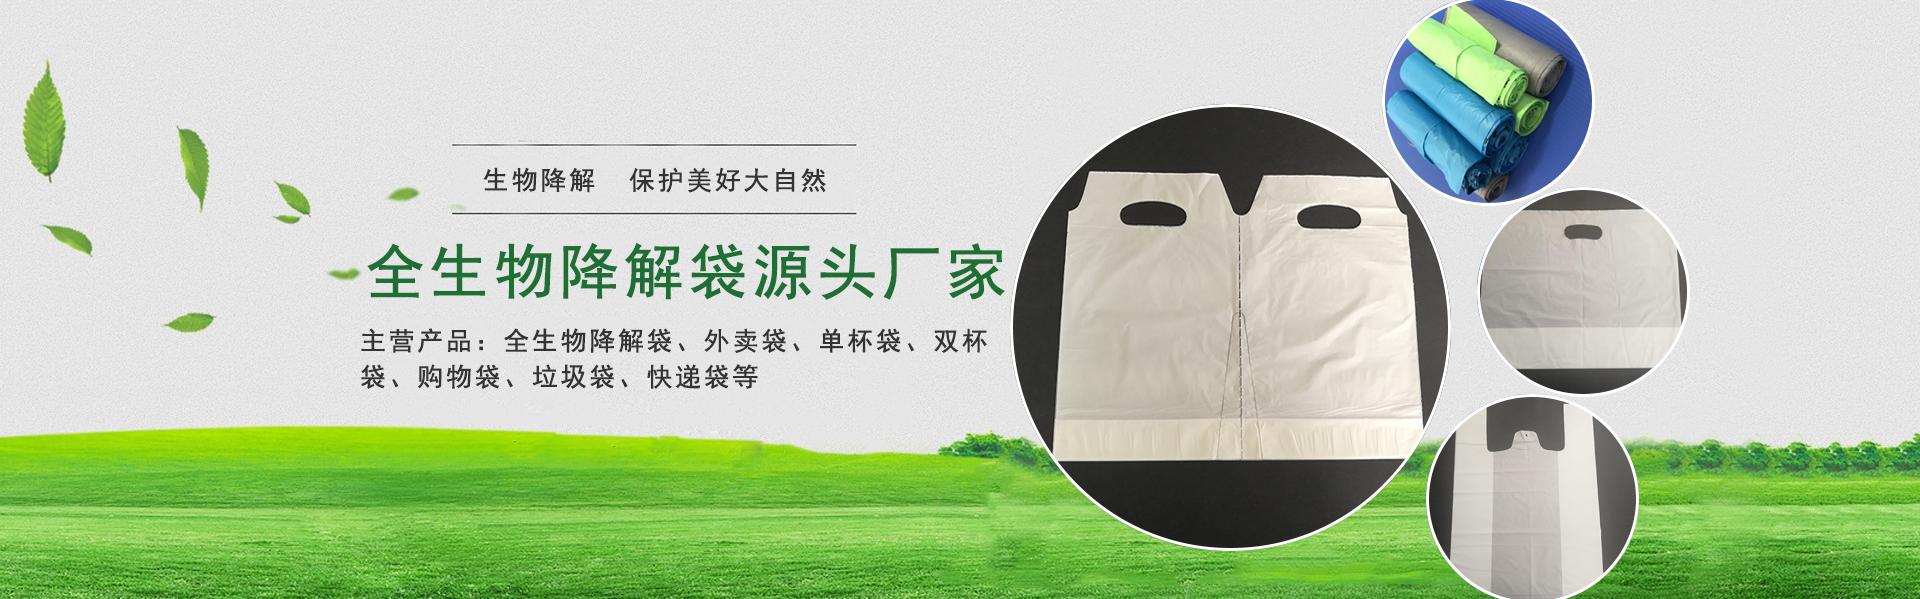 海淀PLA+PBAT全生物降解袋厂家定做